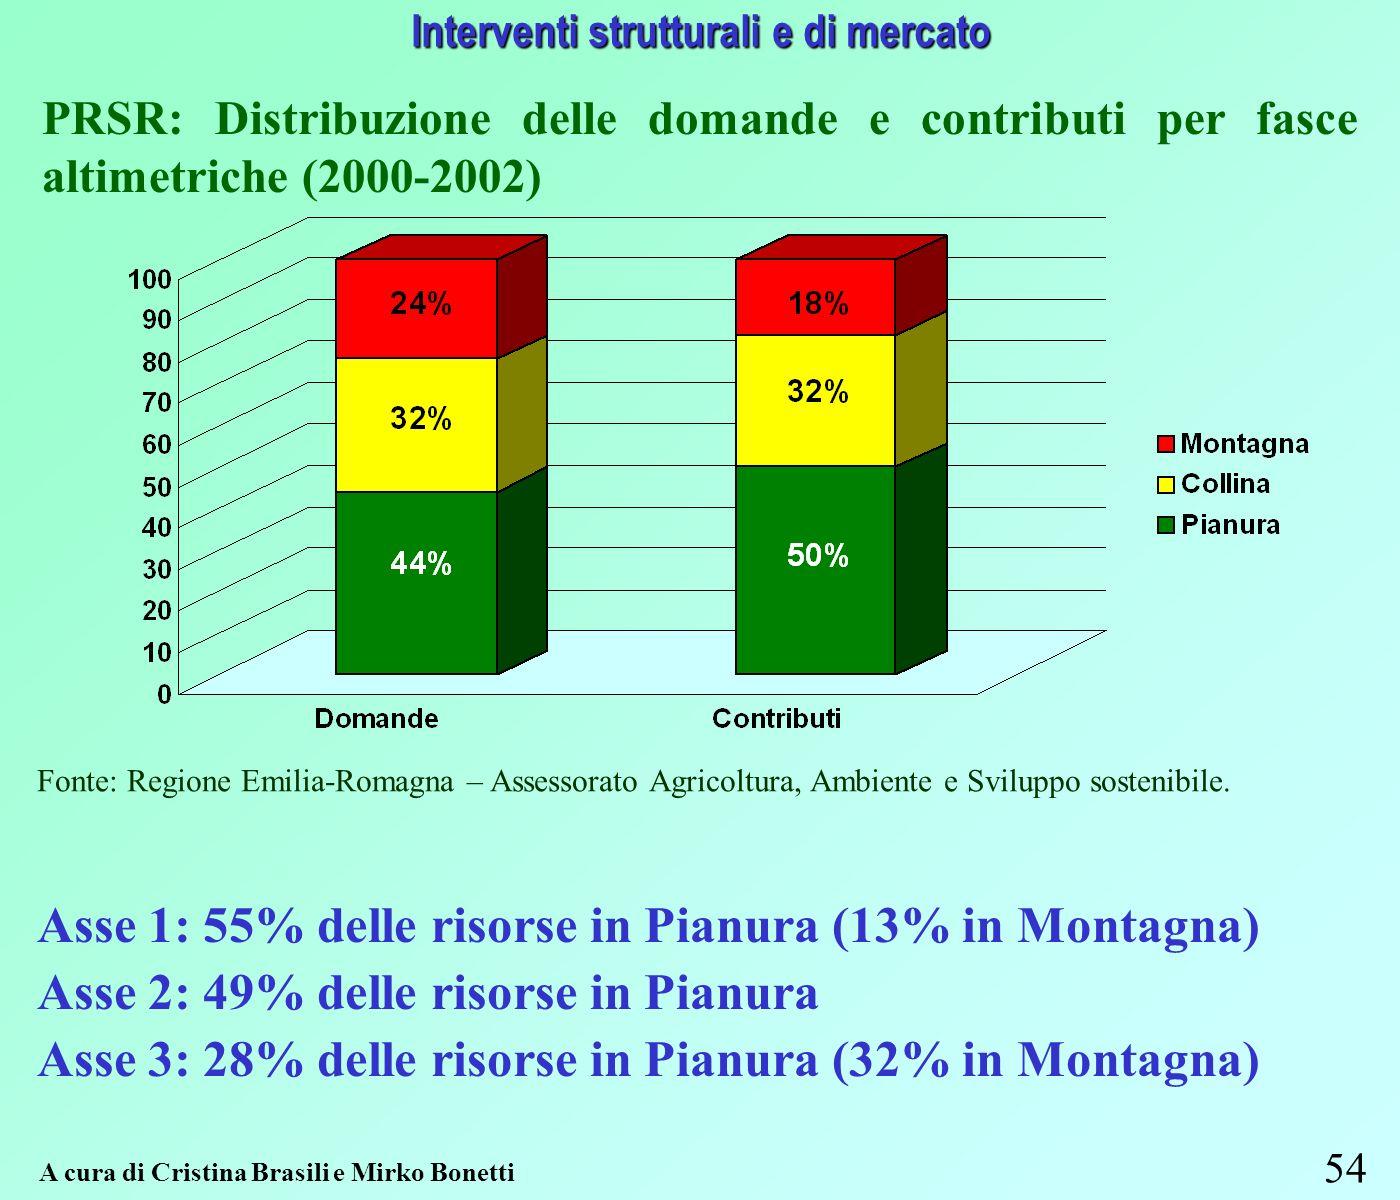 54 Interventi strutturali e di mercato A cura di Cristina Brasili e Mirko Bonetti Fonte: Regione Emilia-Romagna – Assessorato Agricoltura, Ambiente e Sviluppo sostenibile.